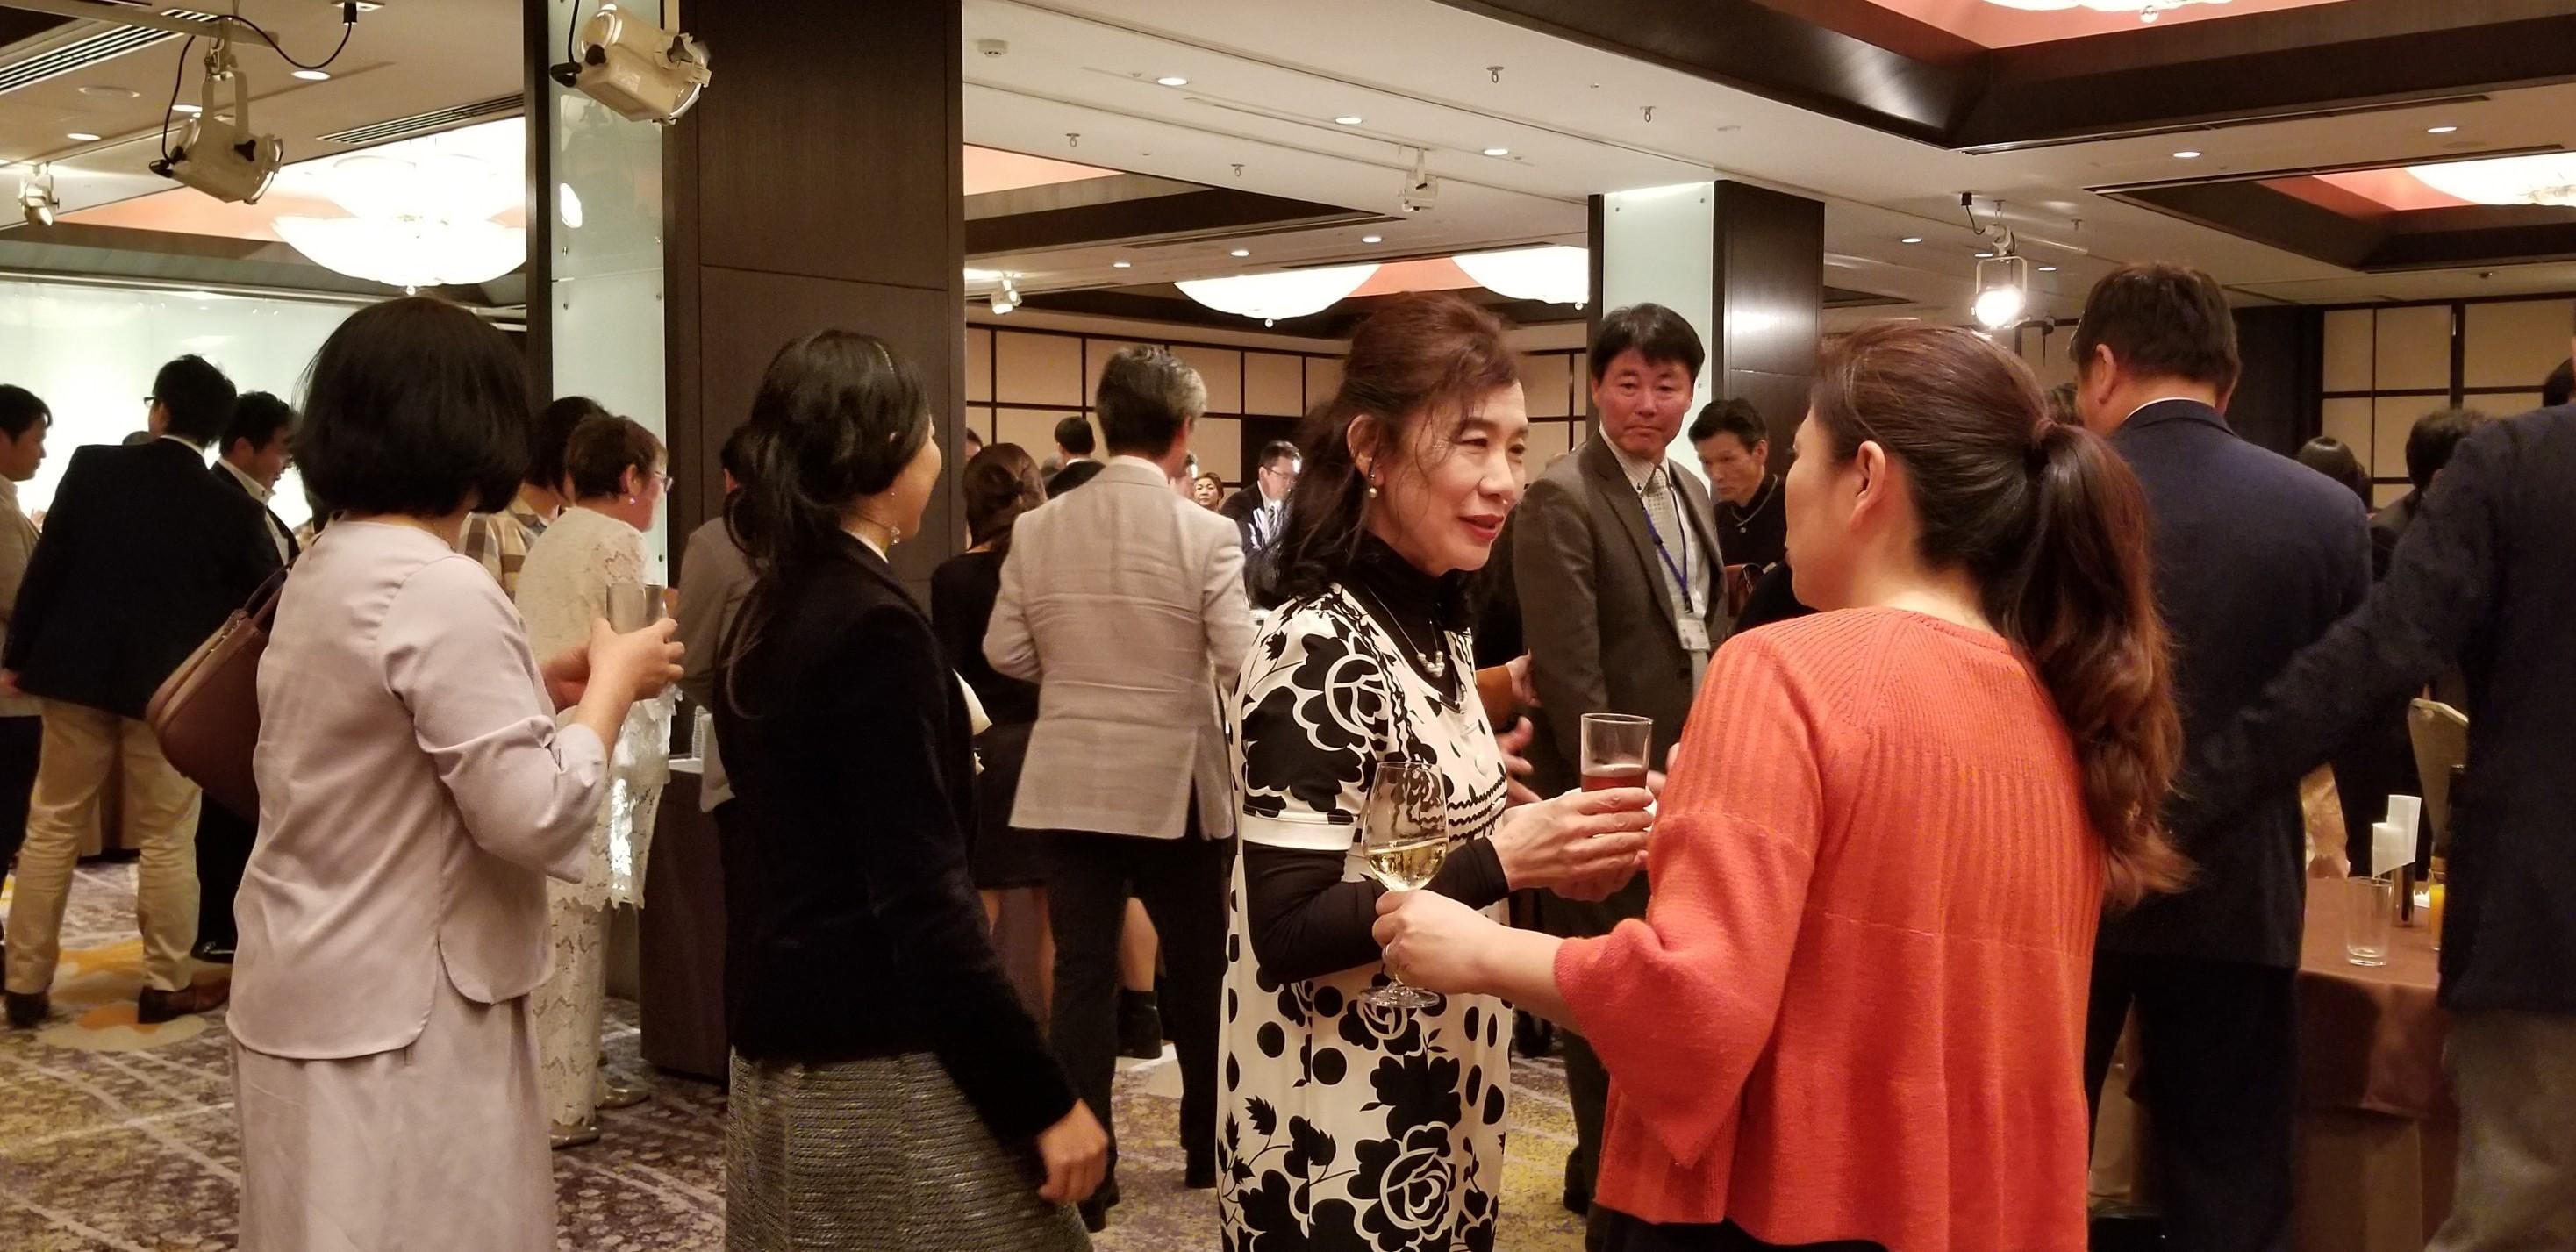 b5a336e41a72b13c95b49b8eb2e7a175 - 第6回思風会全国大会2018in東京開催